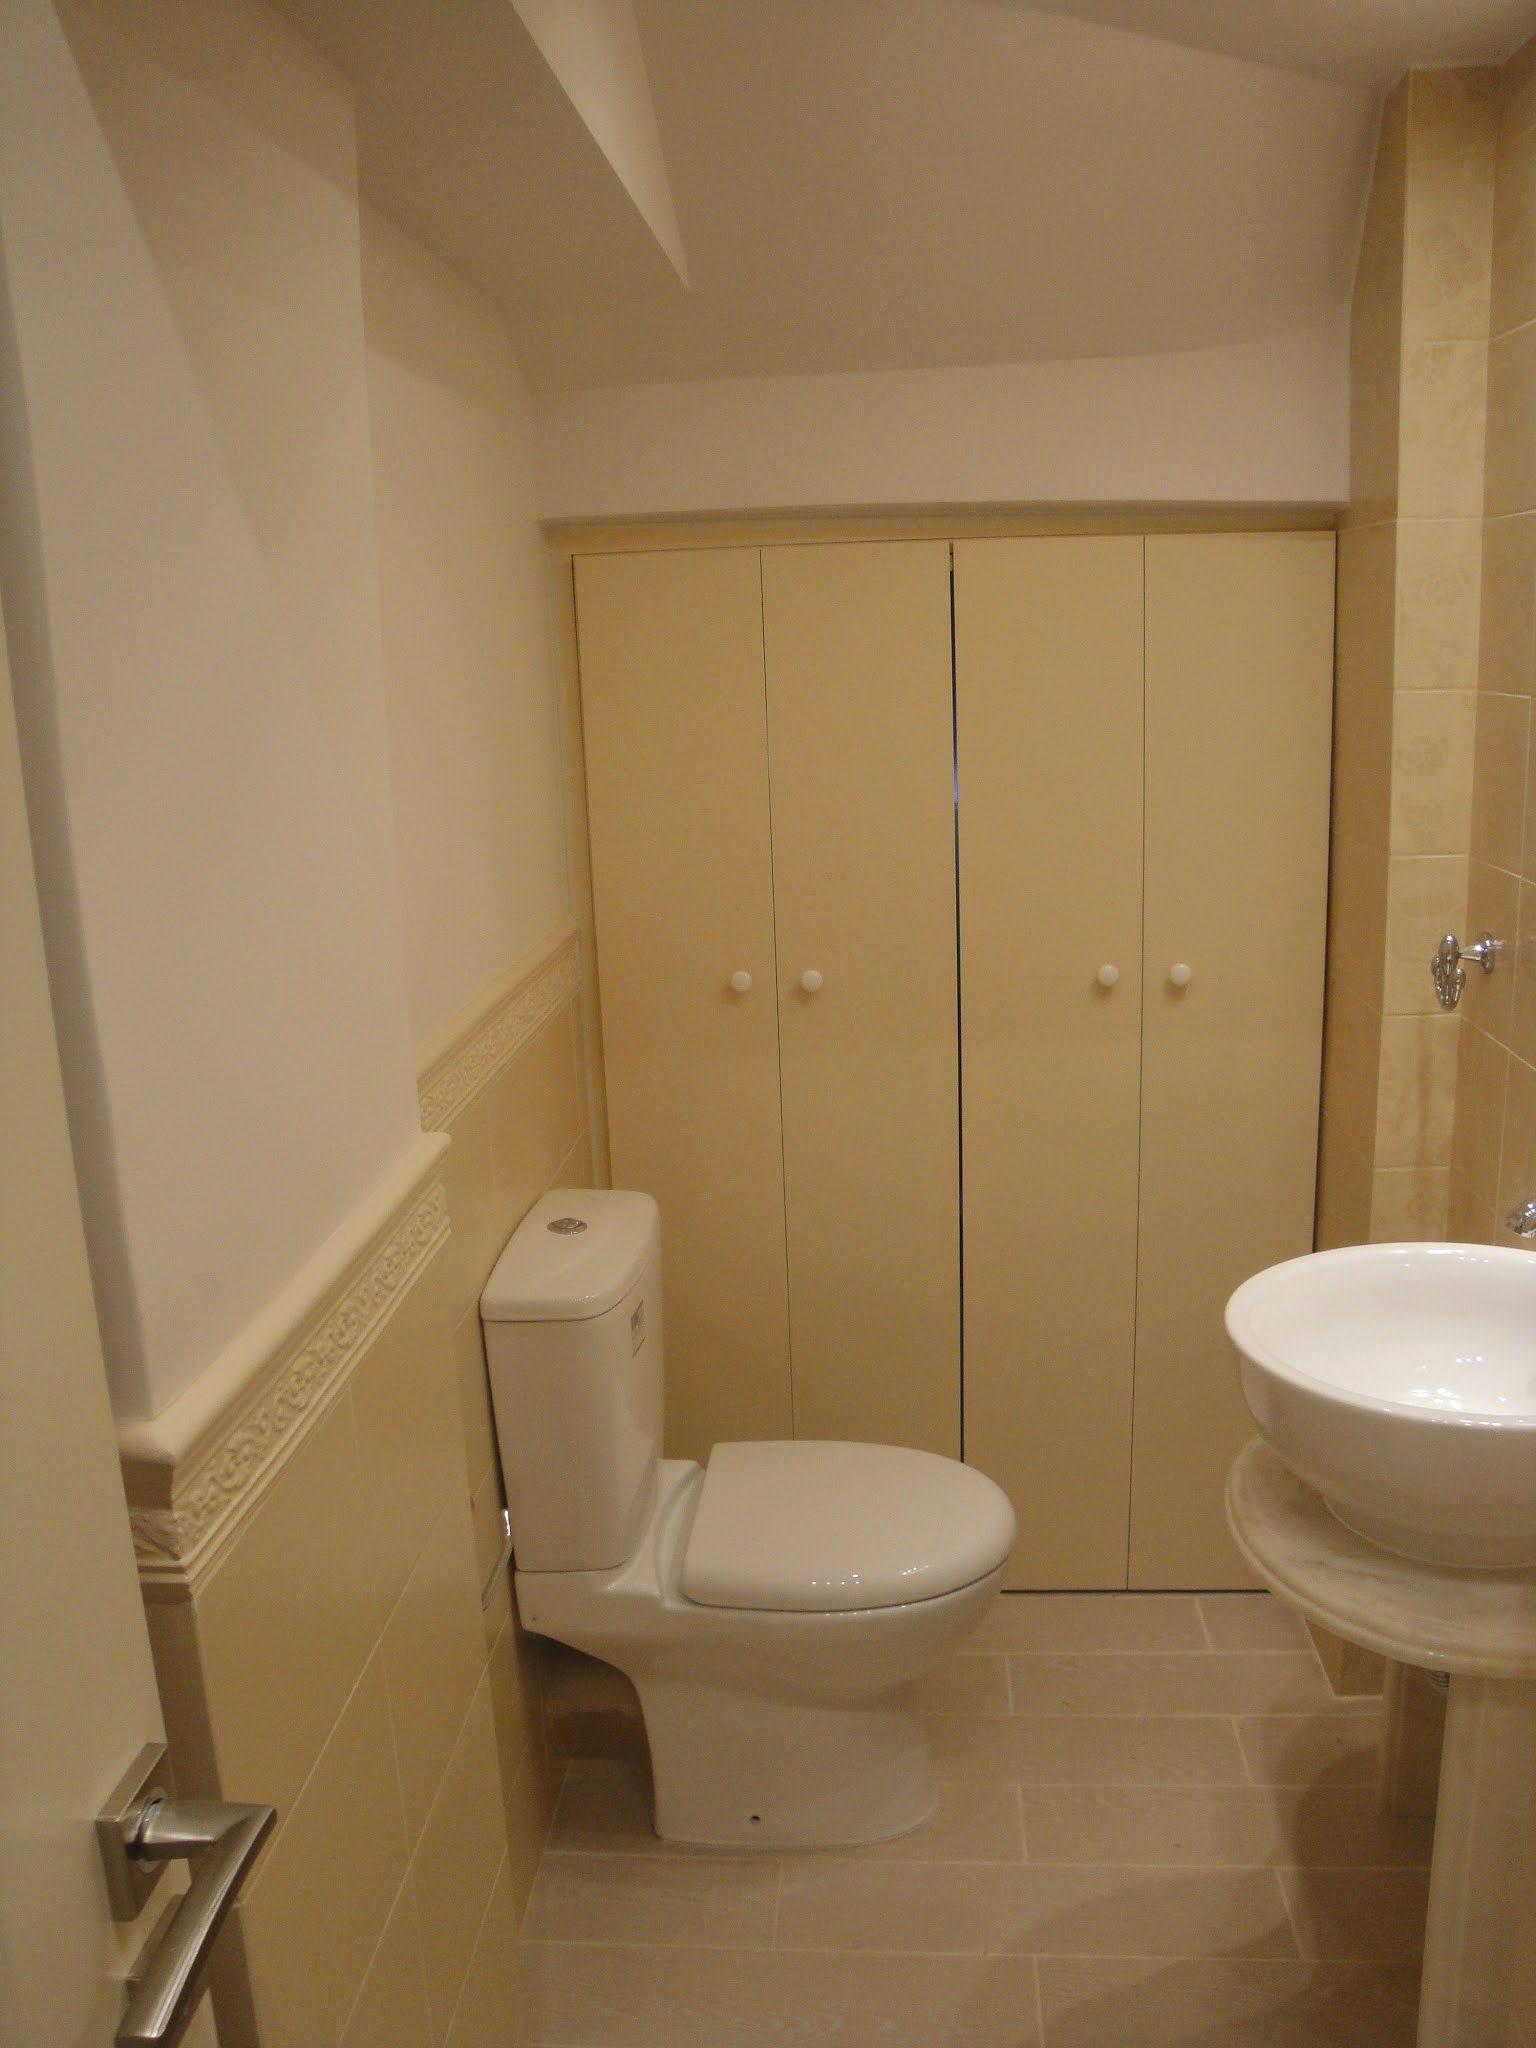 Πόρτες σπαστές για διαχωρισμό μικρού wc με αποθήκη.